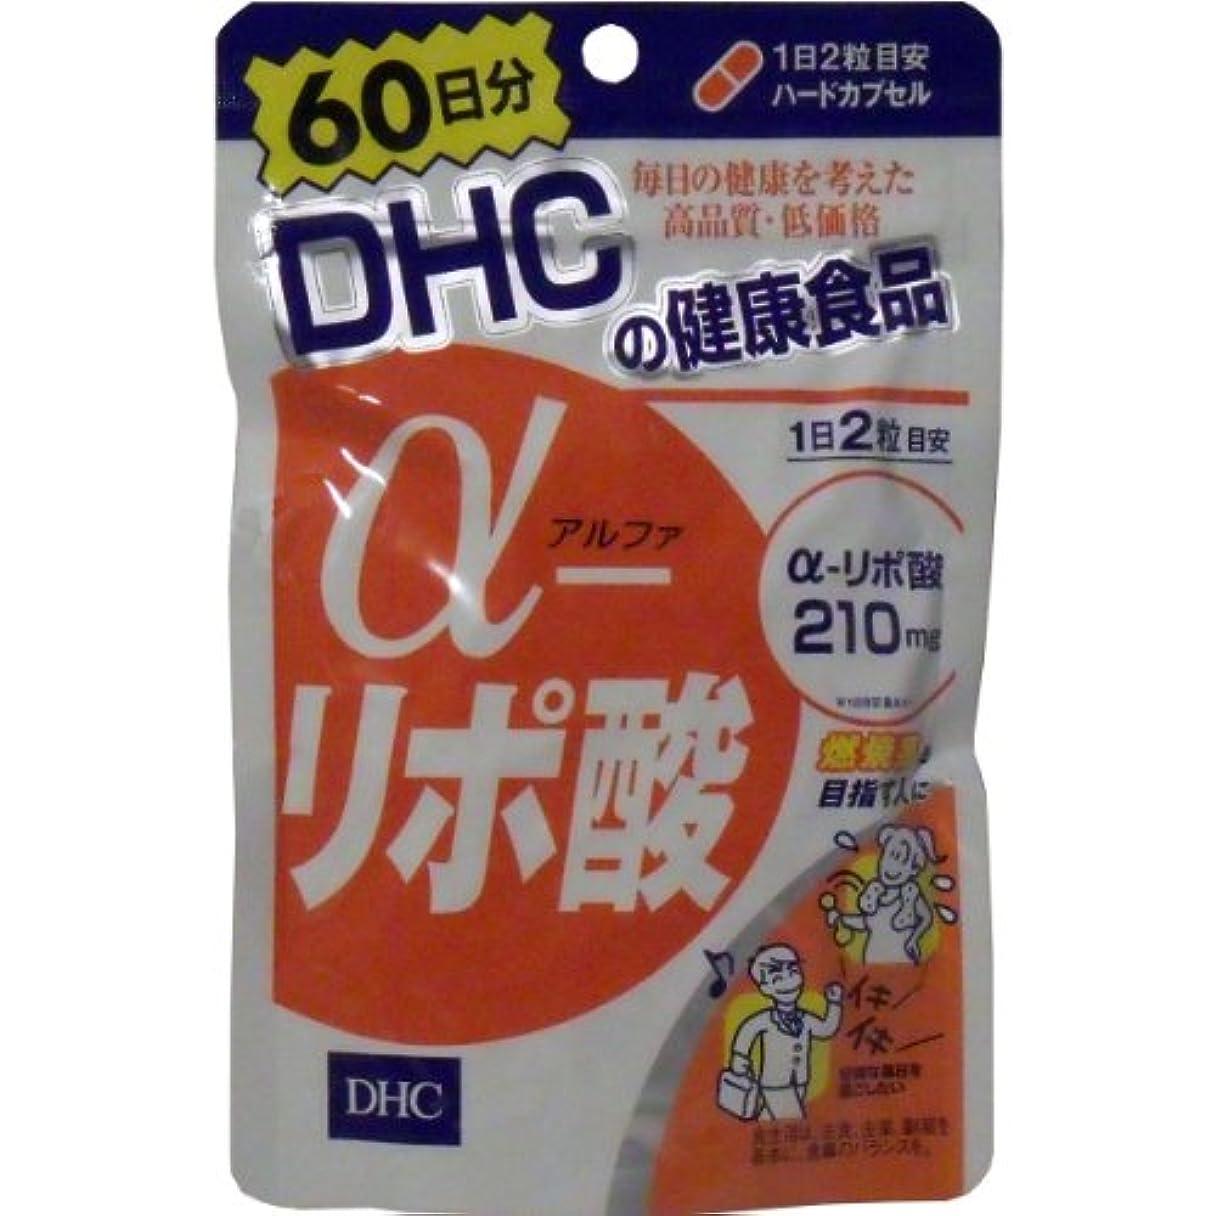 尊敬するサーマル徐々にDHC α-リポ酸 α-リポ酸は、もともと体内にあるエネルギー活性成分 120粒 60日分 【2個セット】